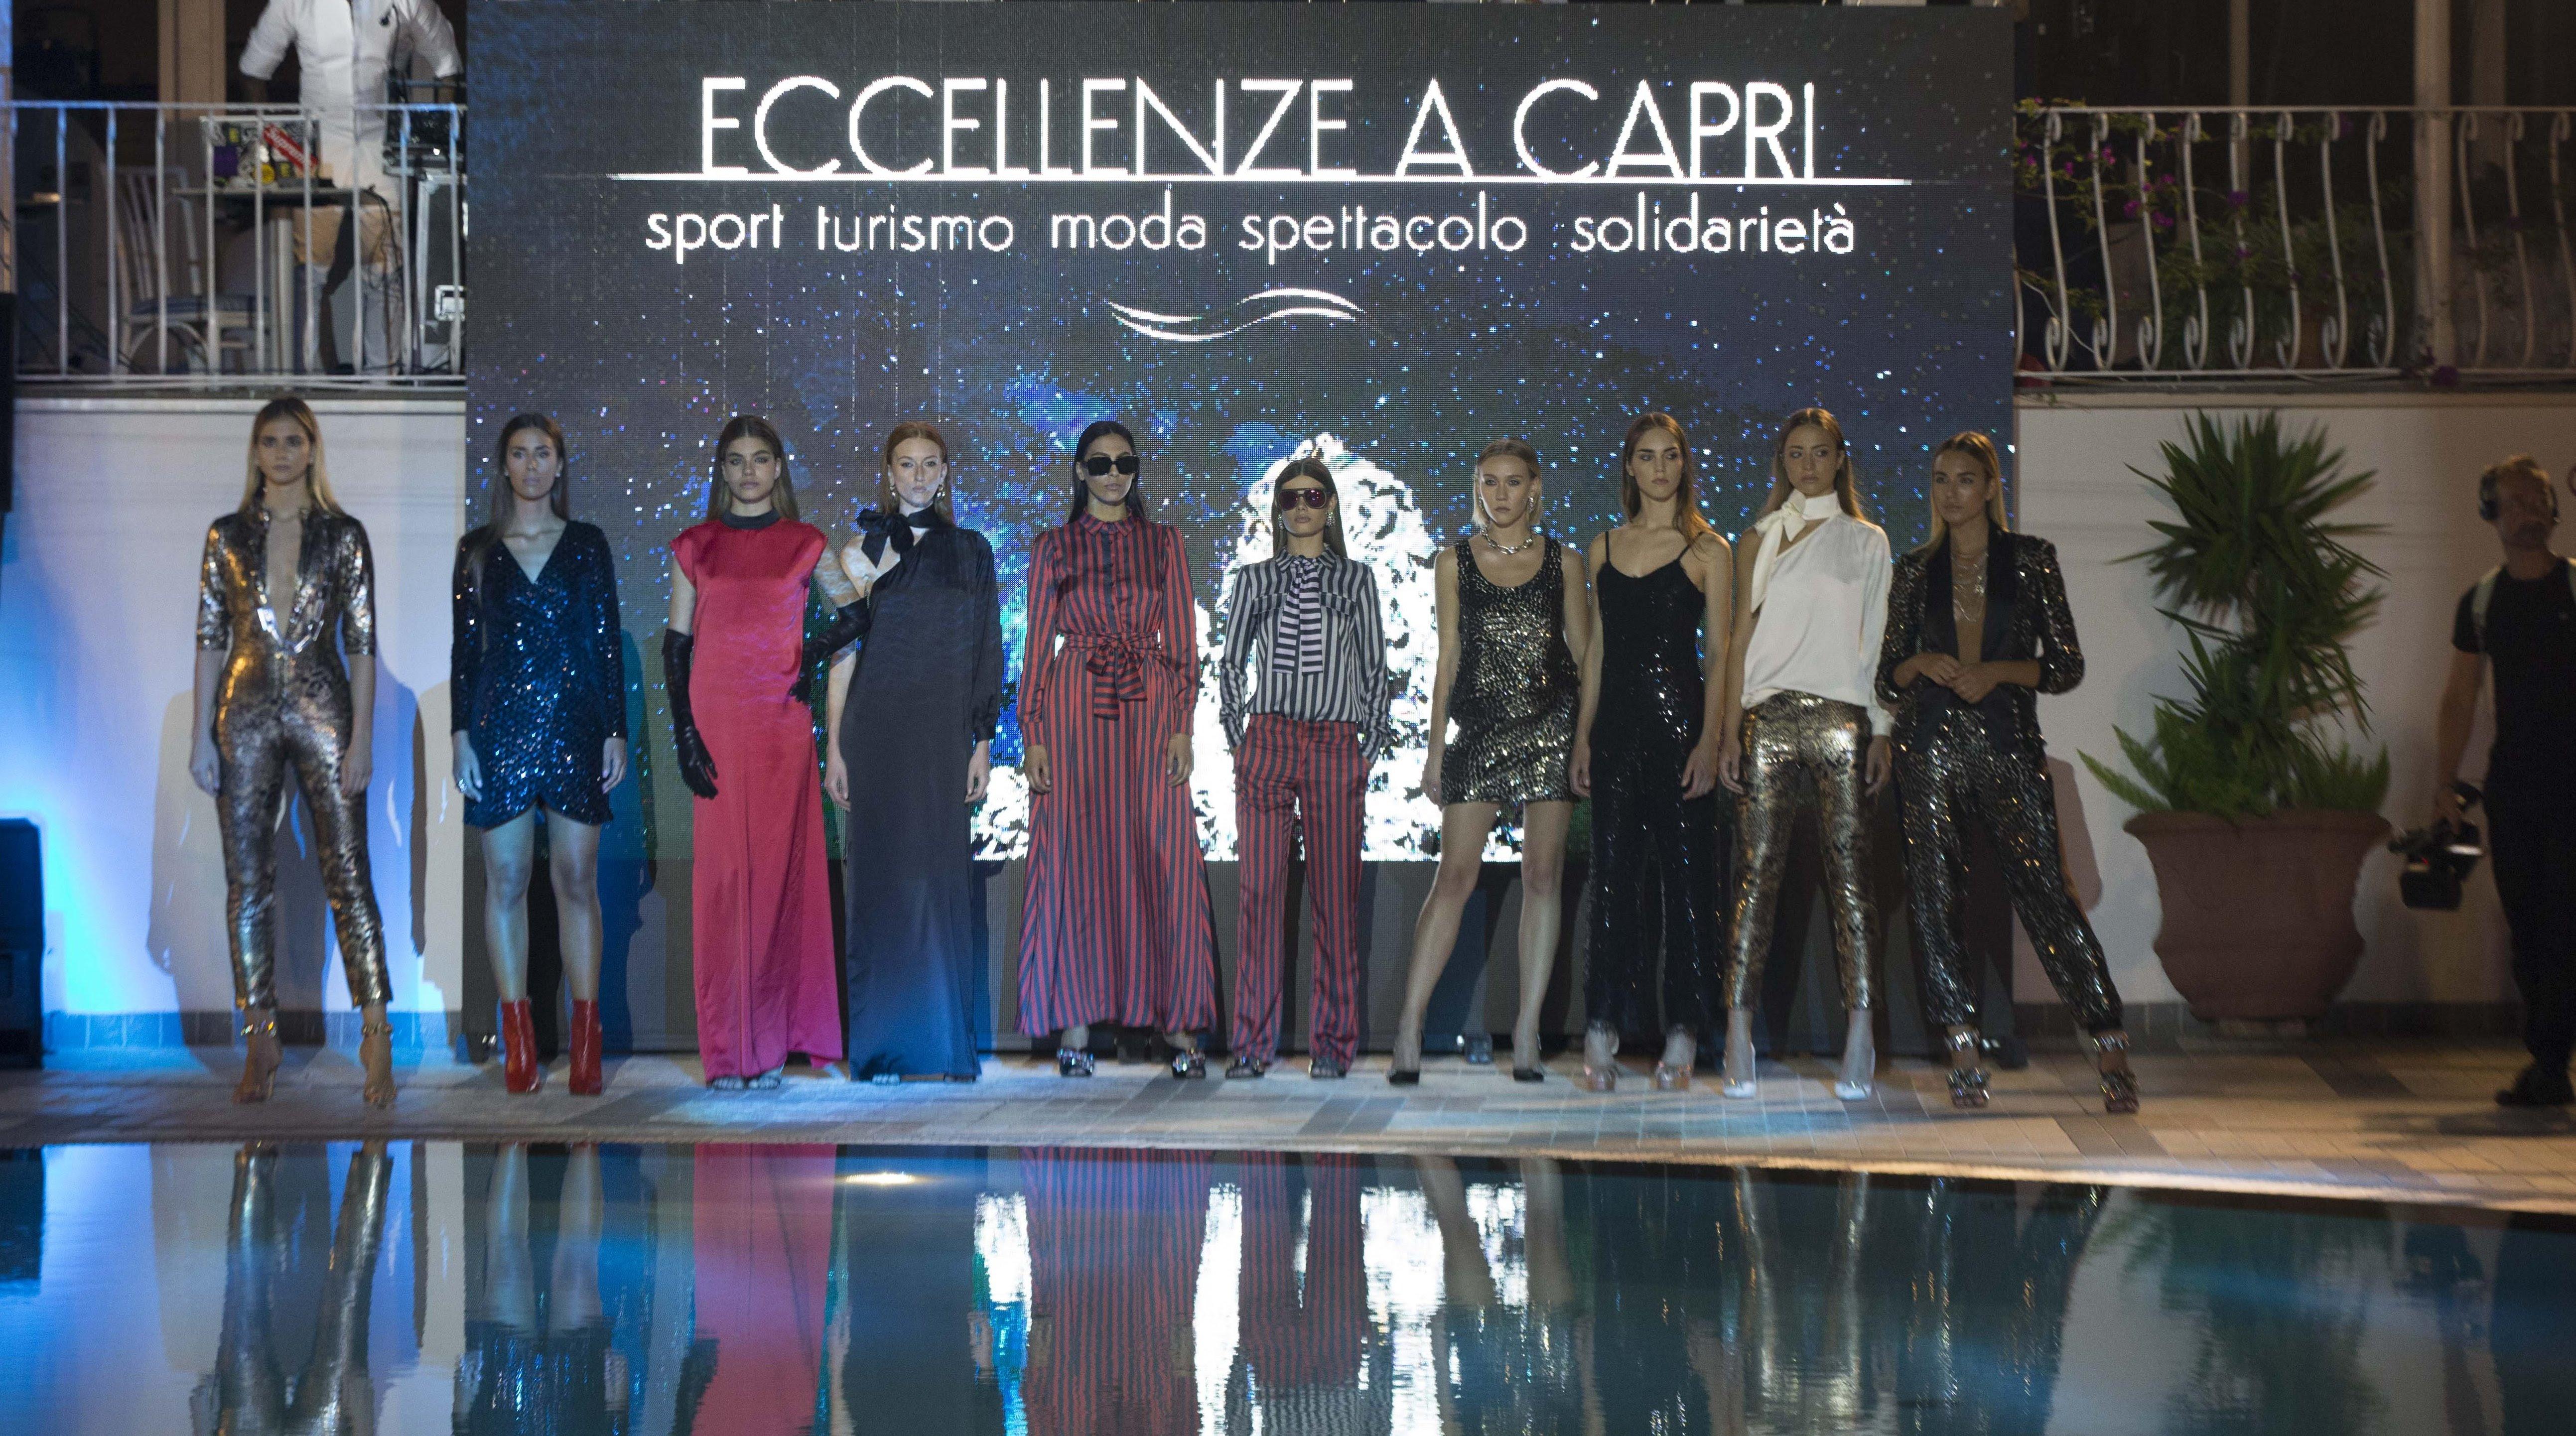 I miti del cinema ad Eccellenze a Capri. Tra spettacolo e solidarietà